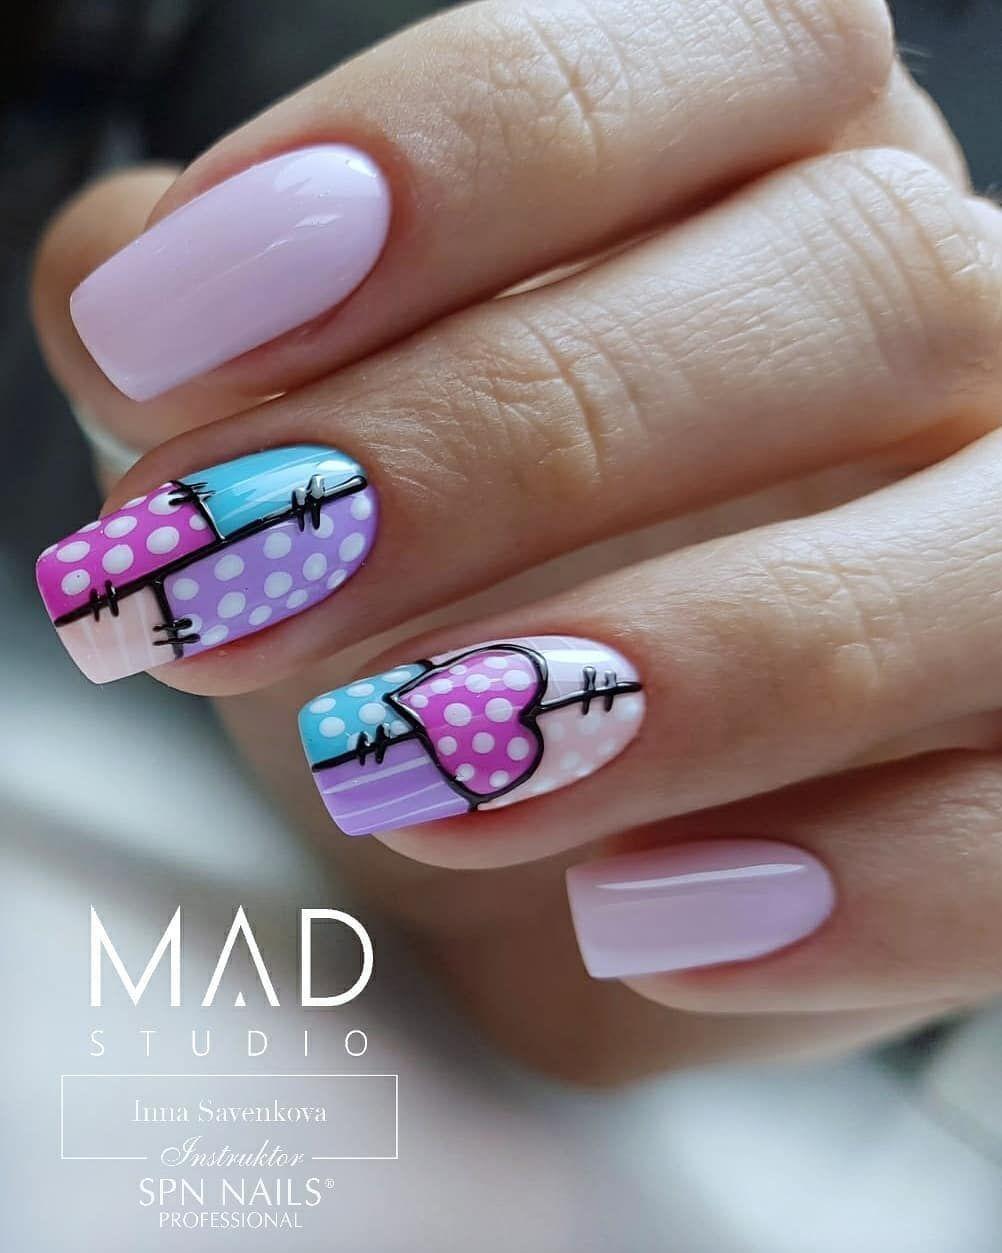 Patchworkowe paznokcie 🤩 Kto chętny na takie zdobienie?  #amazingnails #instanails #instagood #perfectnails #perfectmanicure #madstudioteam…